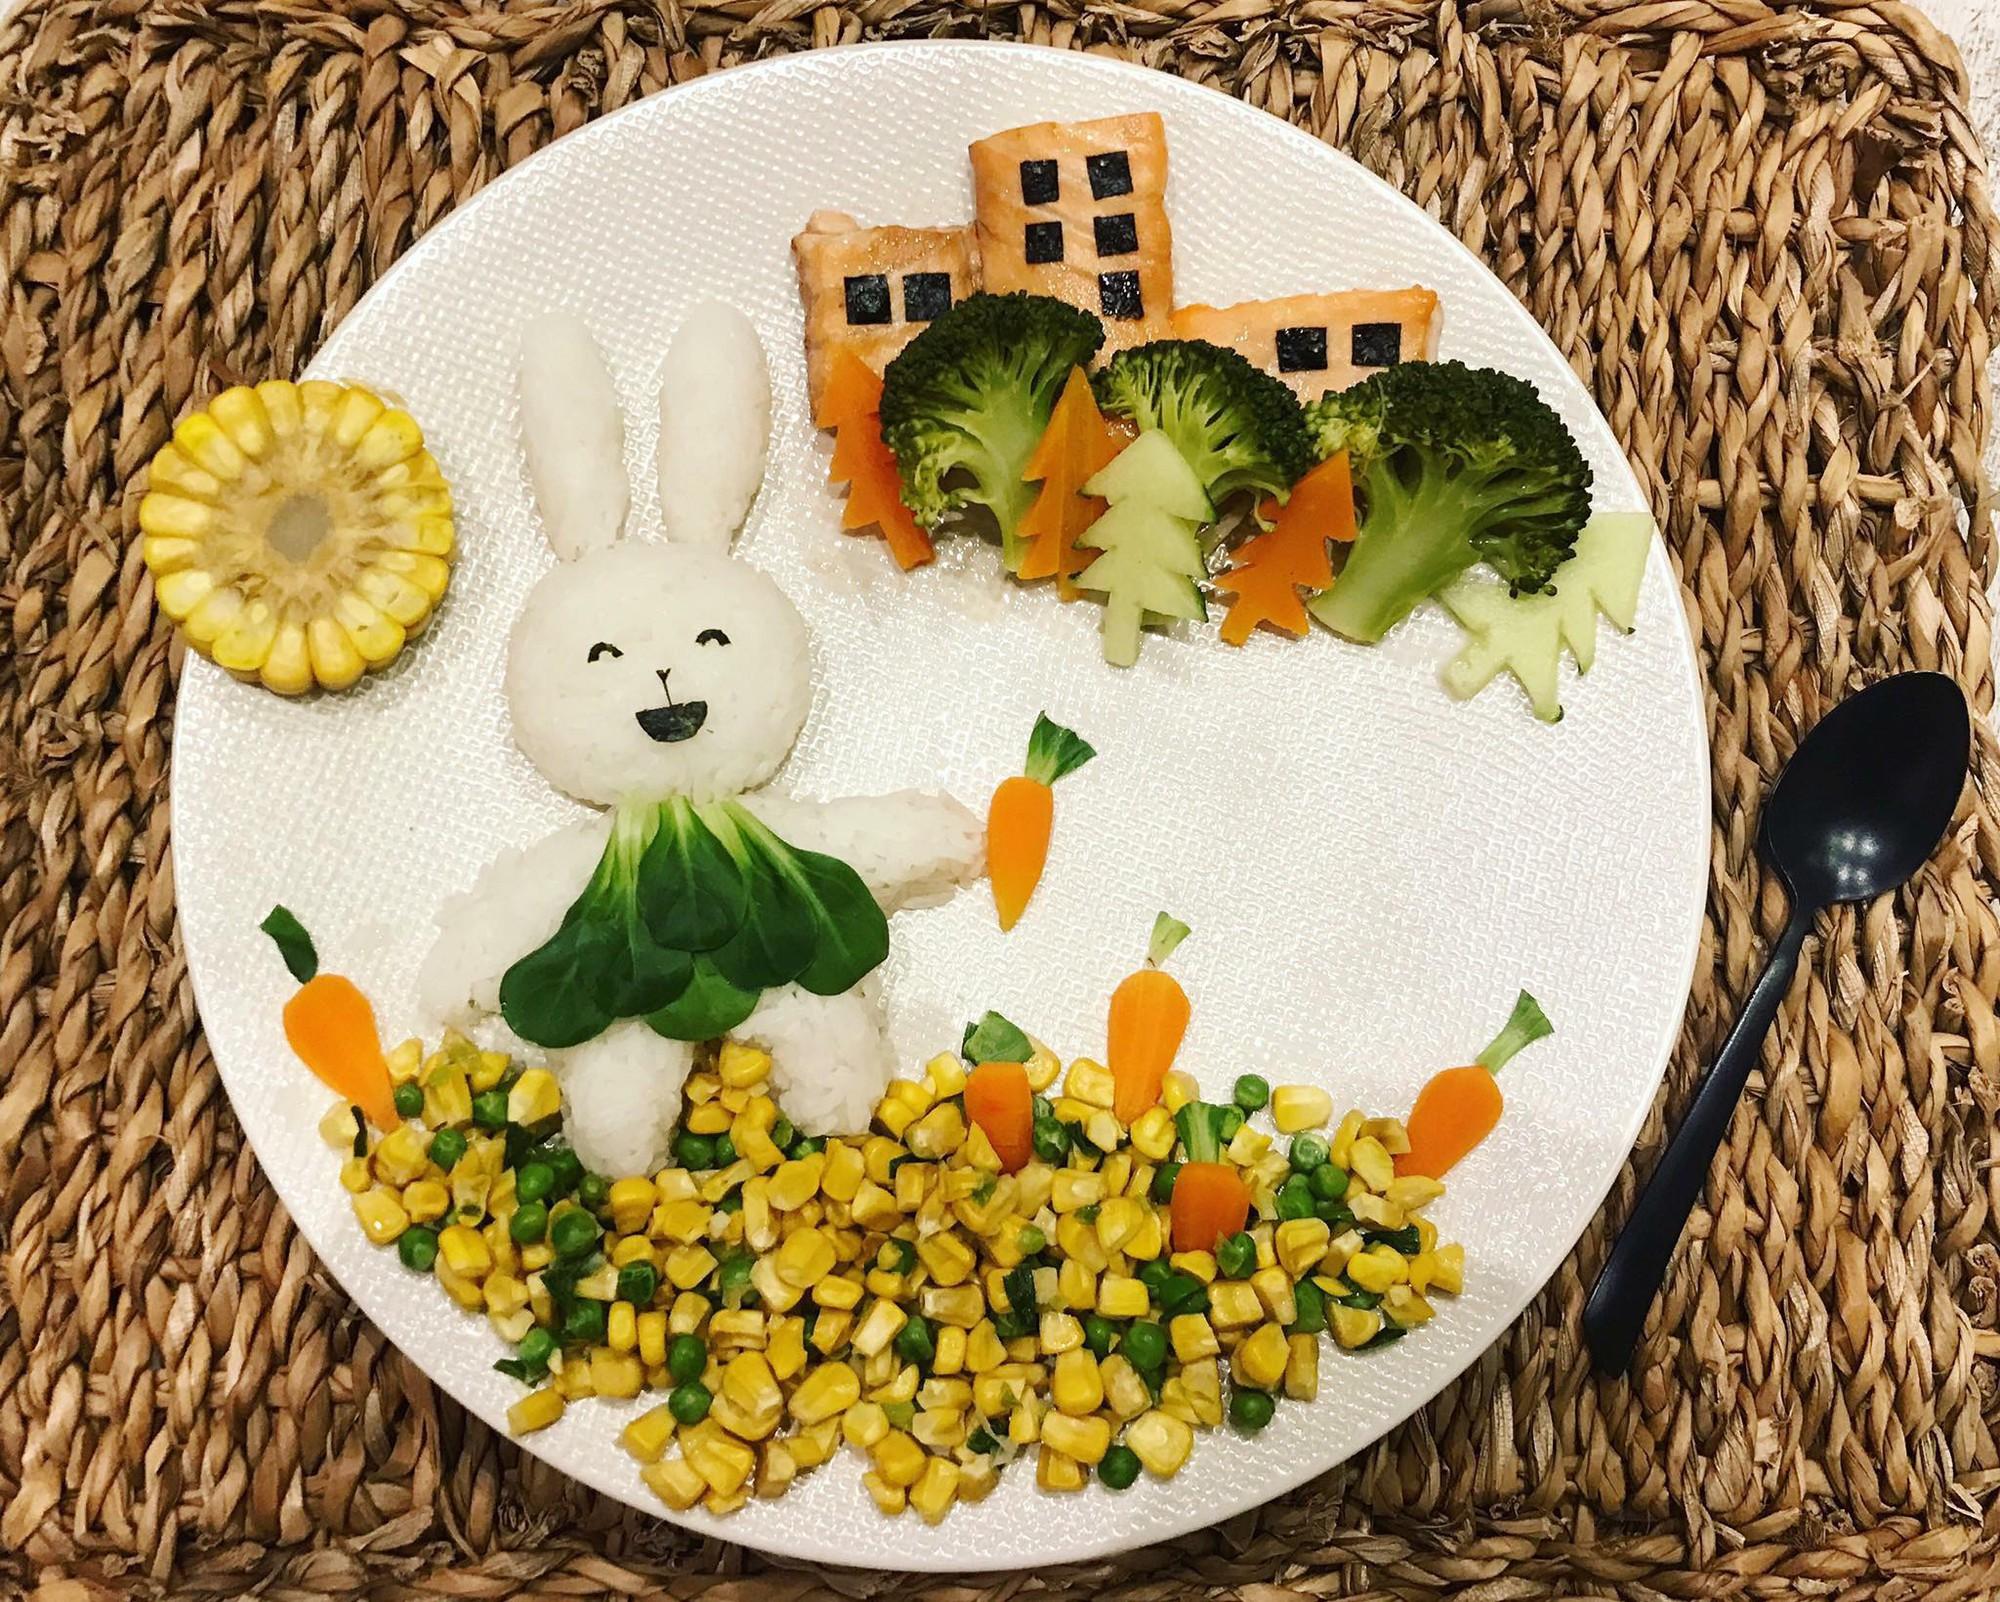 Chùm ảnh: Bà mẹ trẻ mỗi ngày vẽ một bức tranh bằng thức ăn cho con, không ngày nào bị lặp ý tưởng mới tài - Ảnh 28.